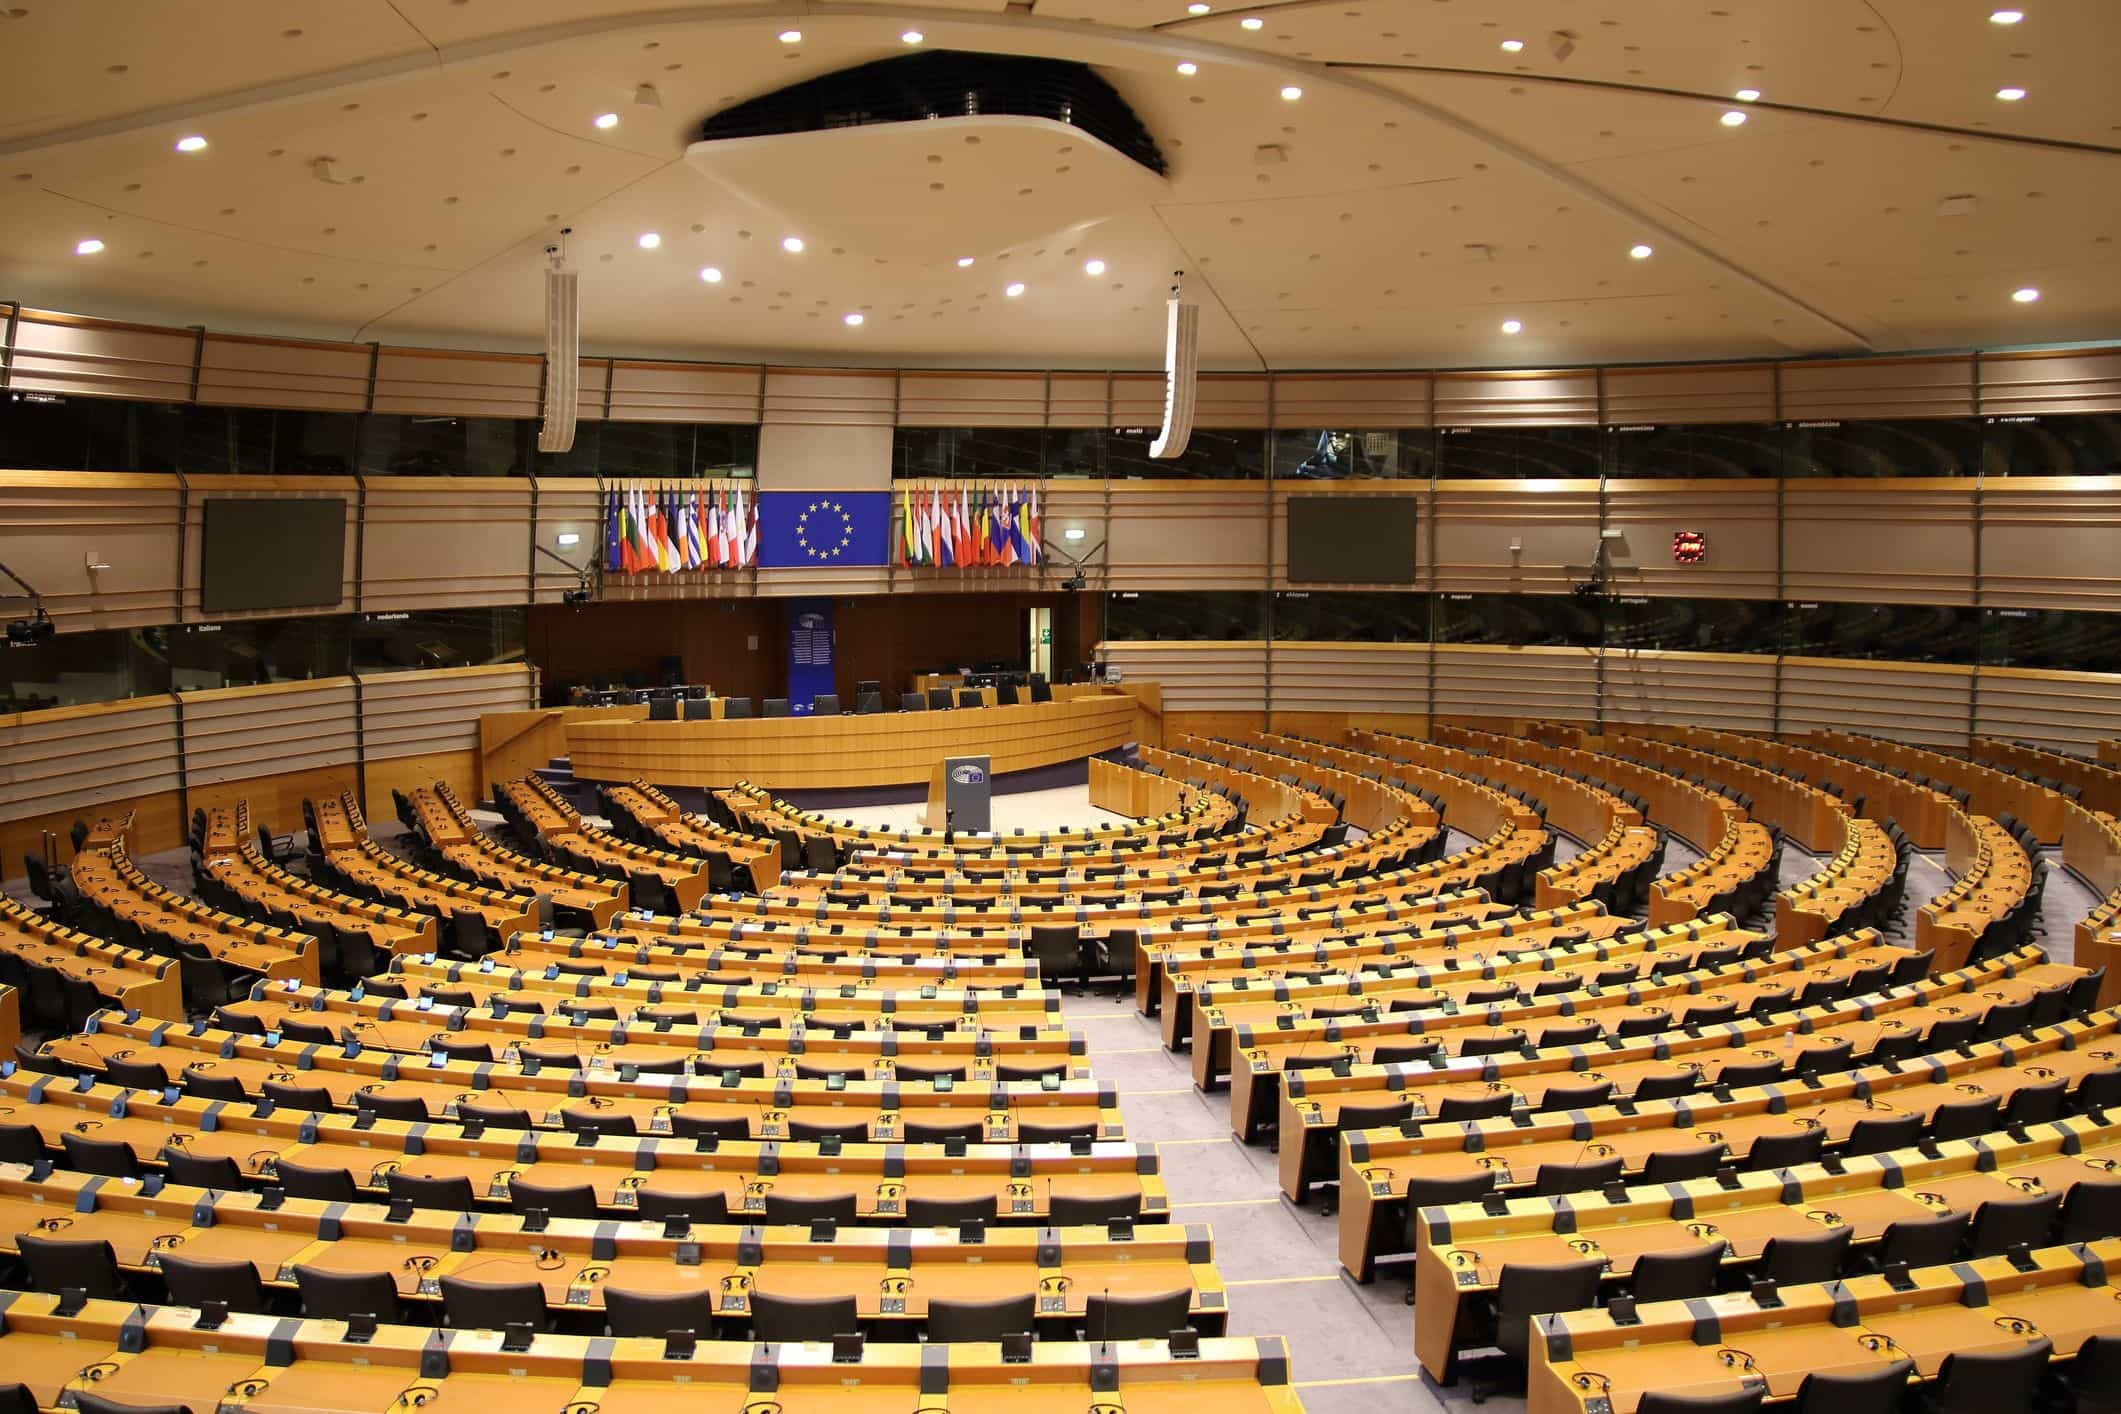 Com ideias para a Europa? JP desafia jovens, prémio é viagem a Bruxelas